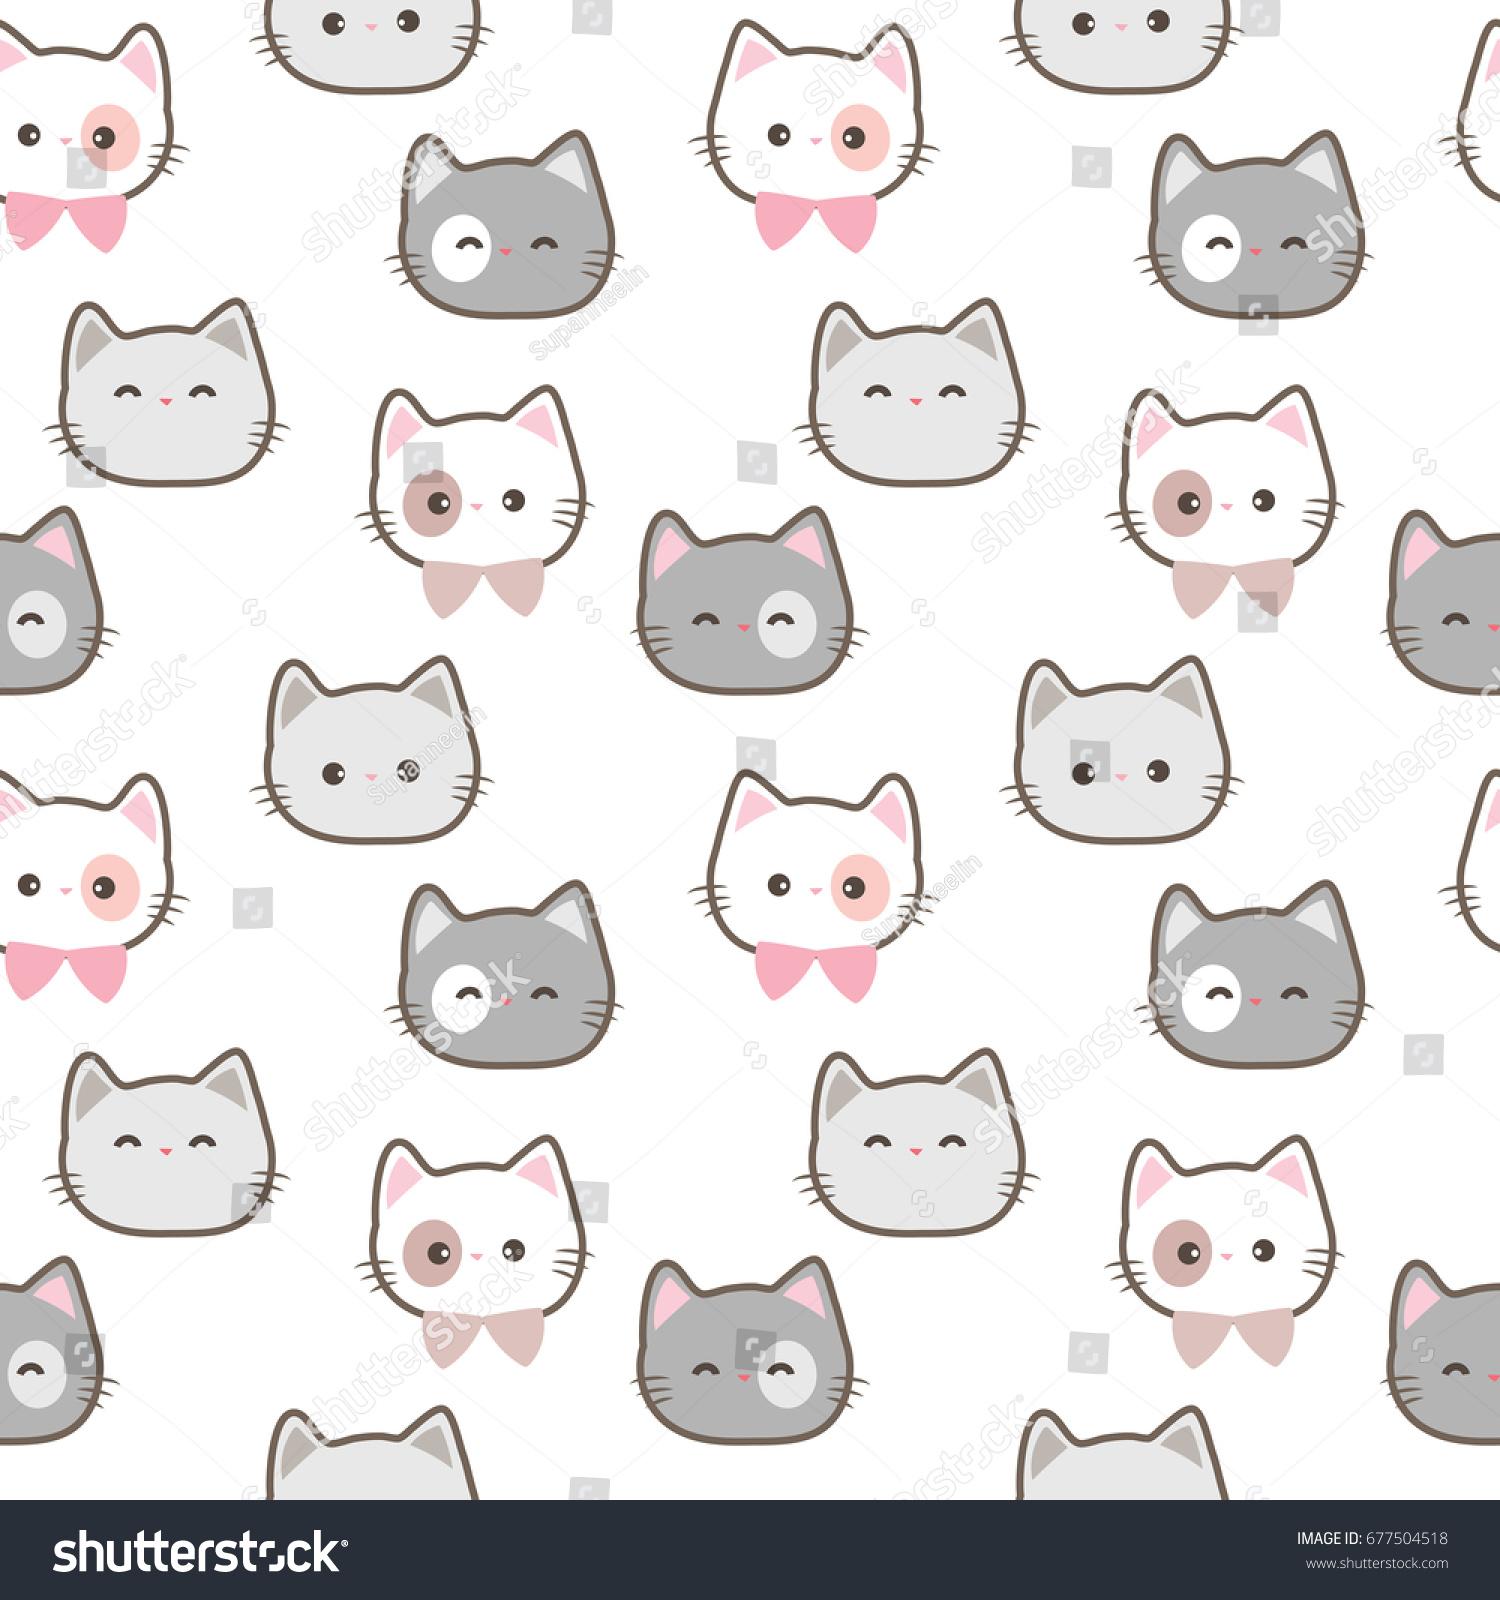 Seamless Pattern Cute Cartoon Cat Face Stock Vector Royalty Free